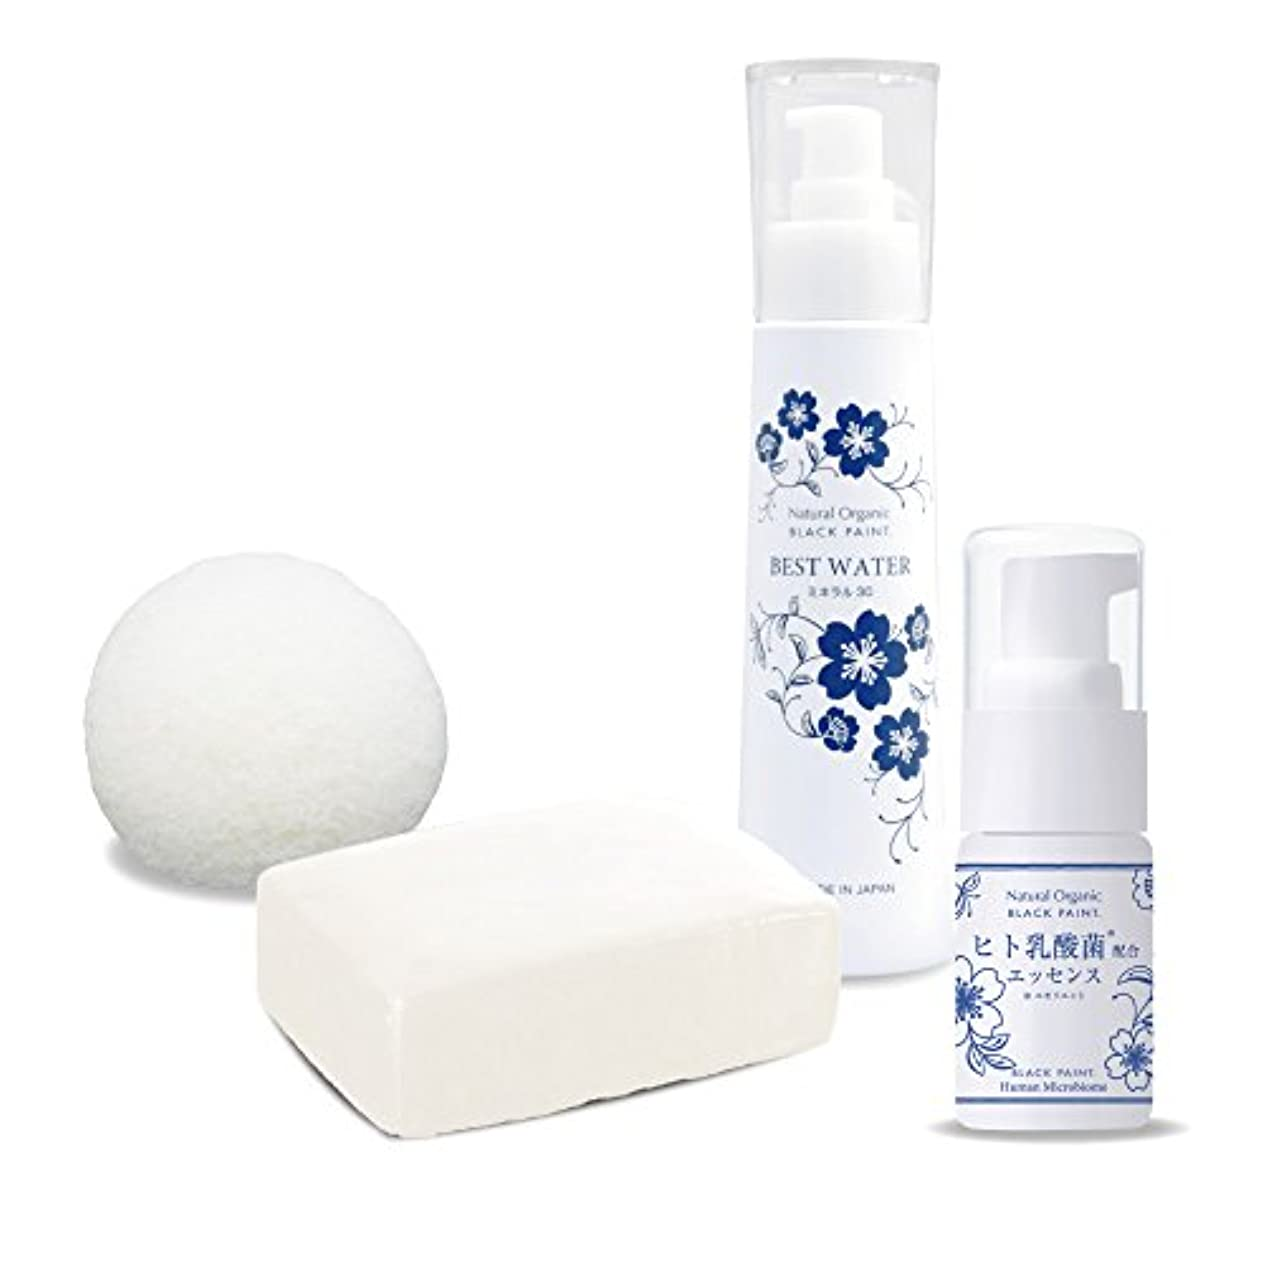 既にマイナス刑務所ヒト乳酸菌エッセンス10ml&ホワイトペイント60g&ホワイトスポンジミニ&ベストウォーター100ml 洗顔セット